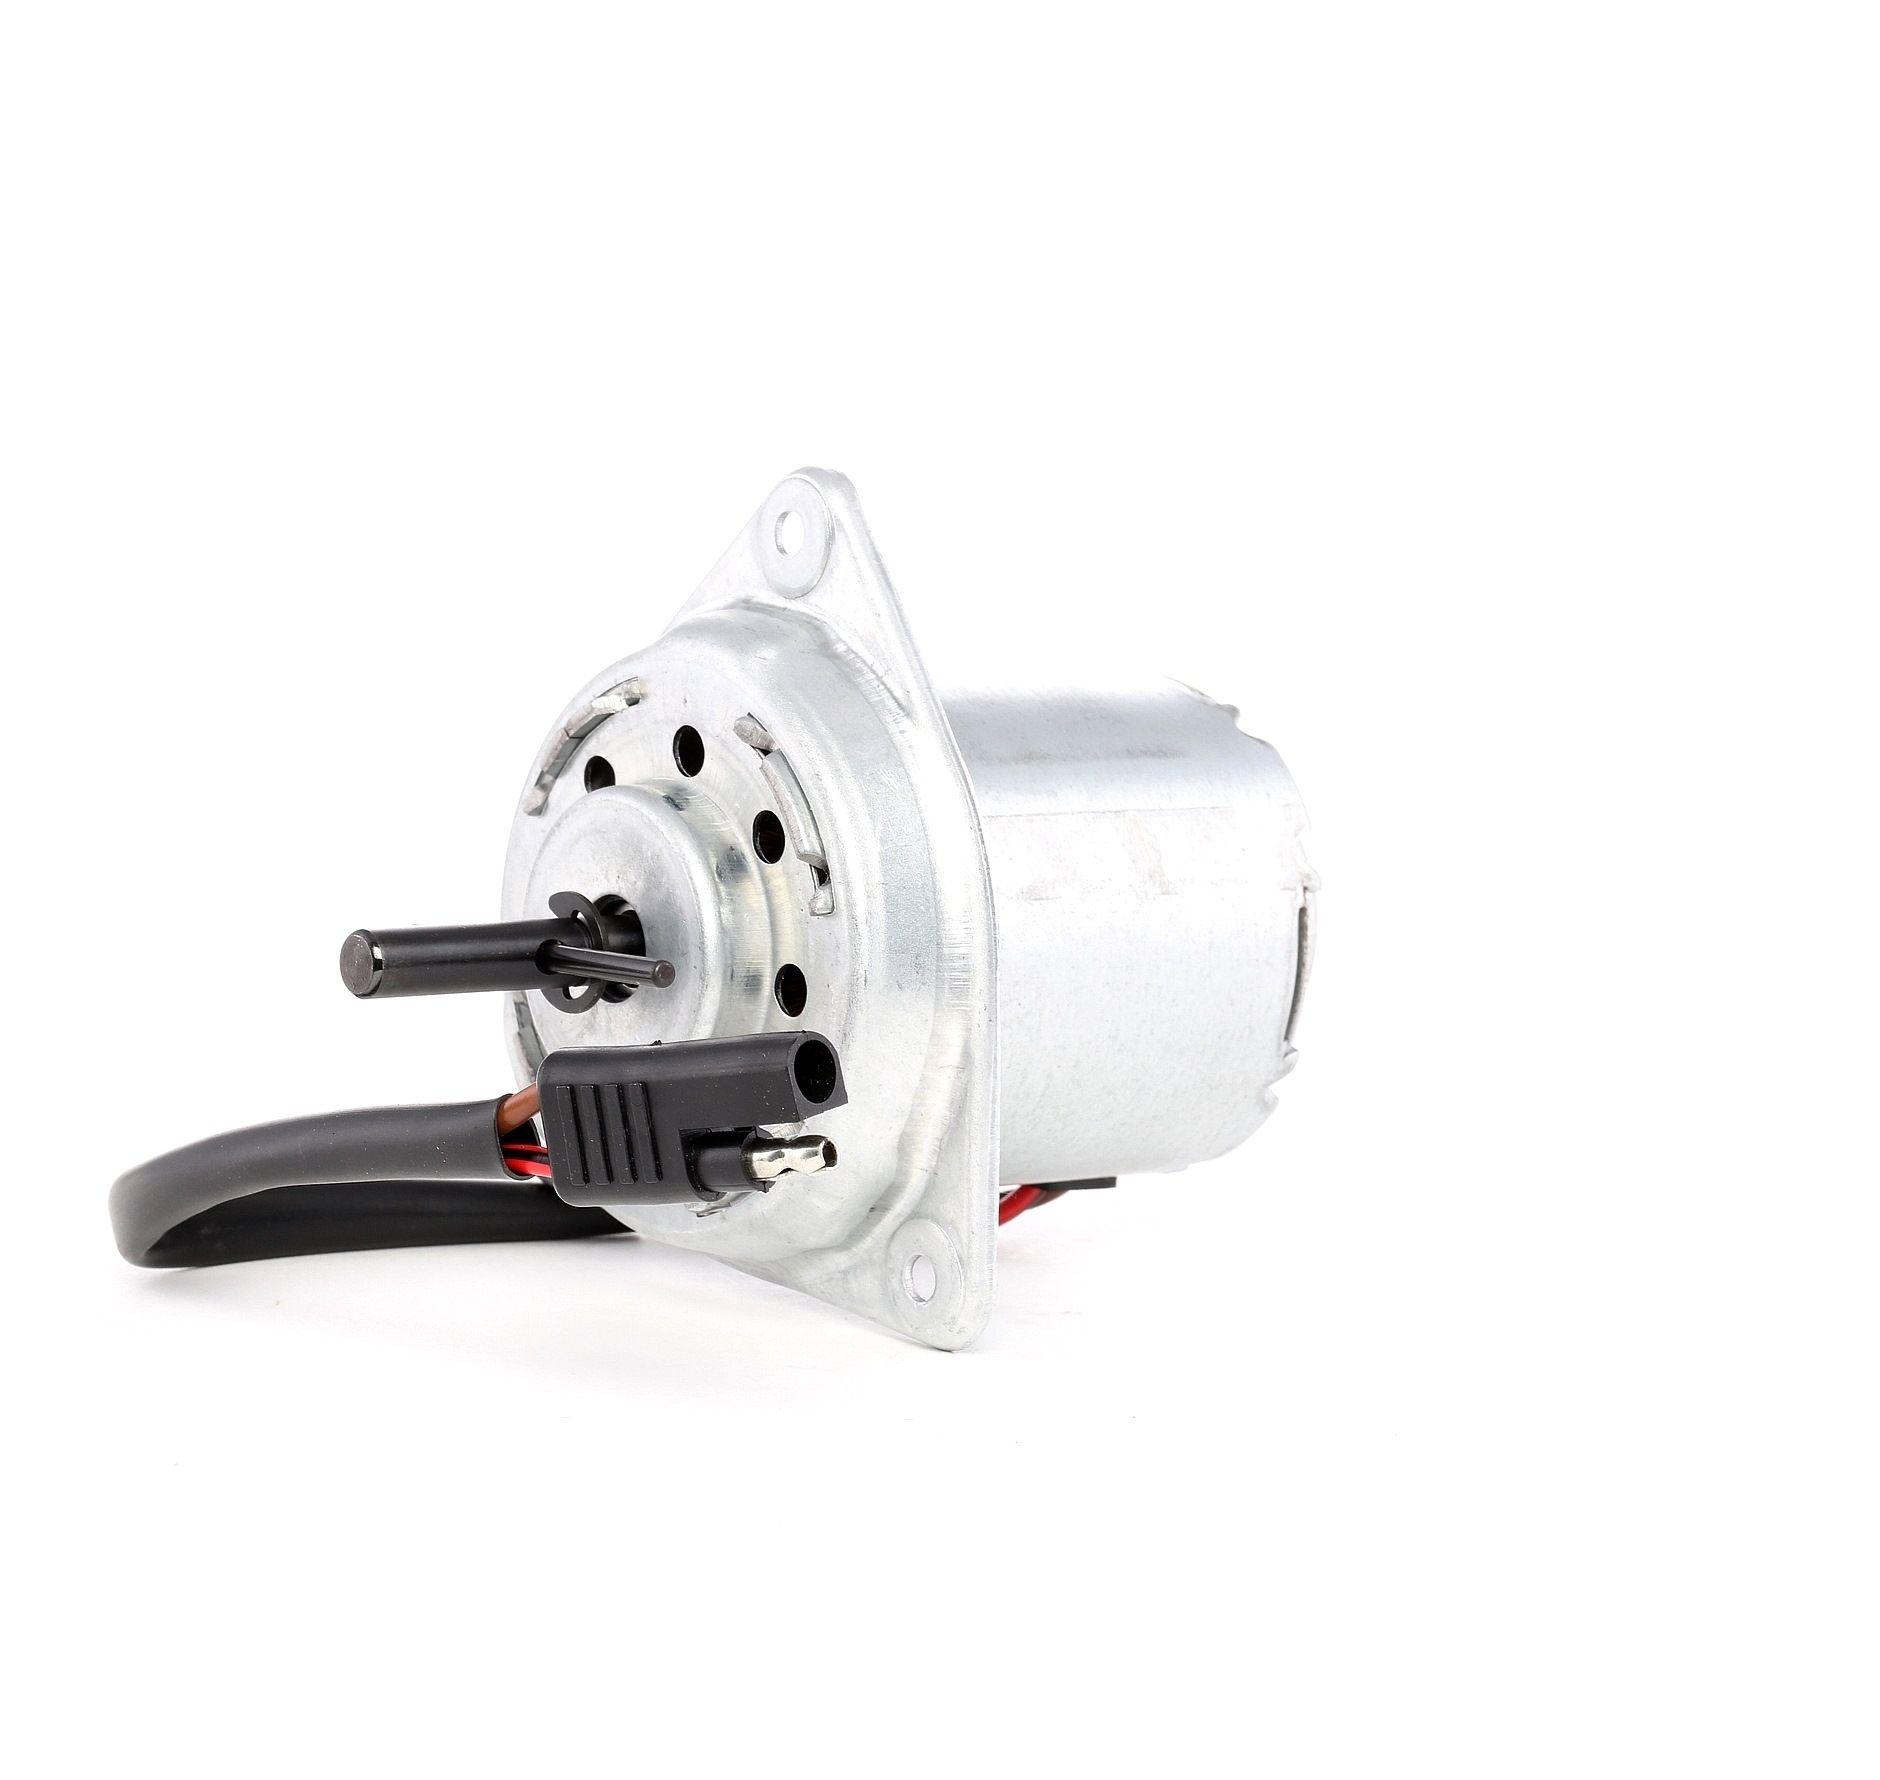 Ventilateur de refroidissement du moteur RENAULT ESPACE V 5 Ventilateurs, composants Auto: pièces détachées